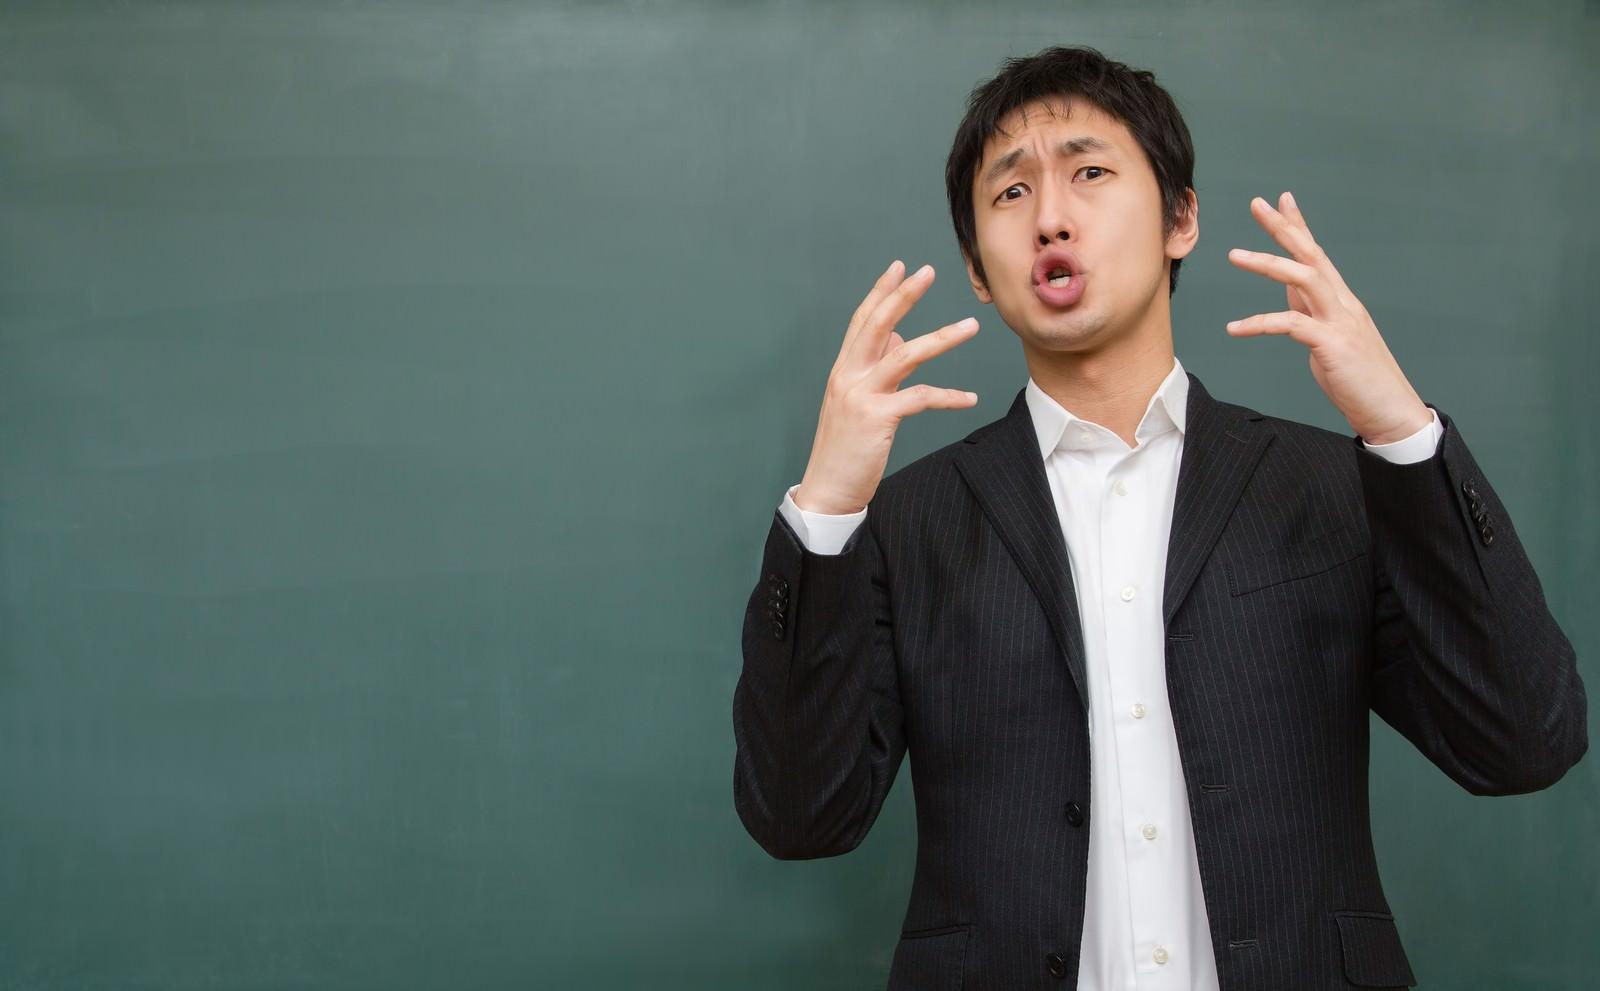 「両手を上げて訴えかける講師」の写真[モデル:大川竜弥]